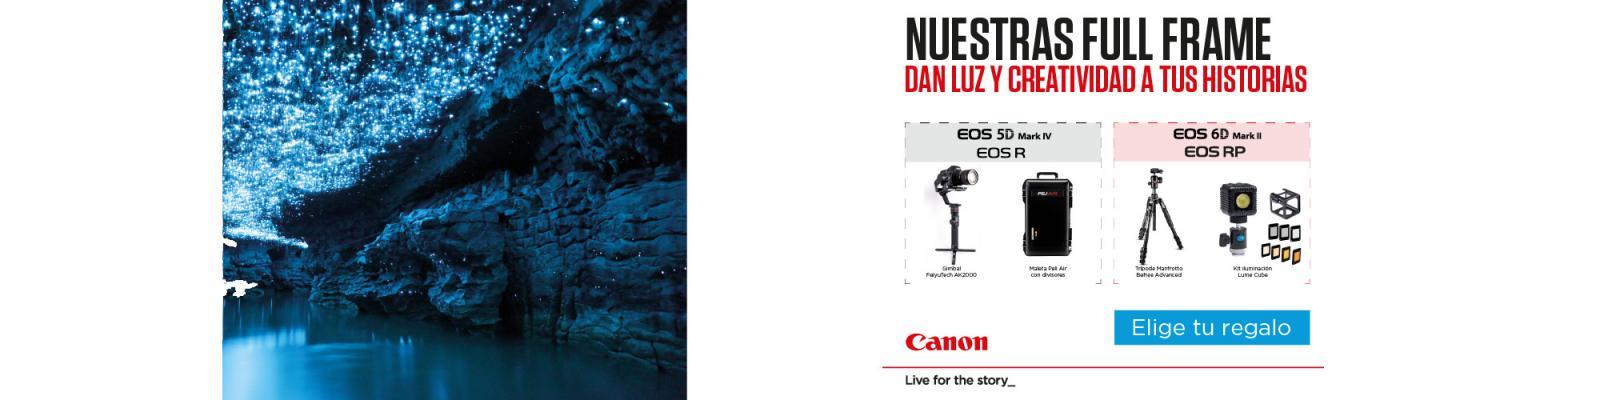 Compra Canon EOS Fullframe